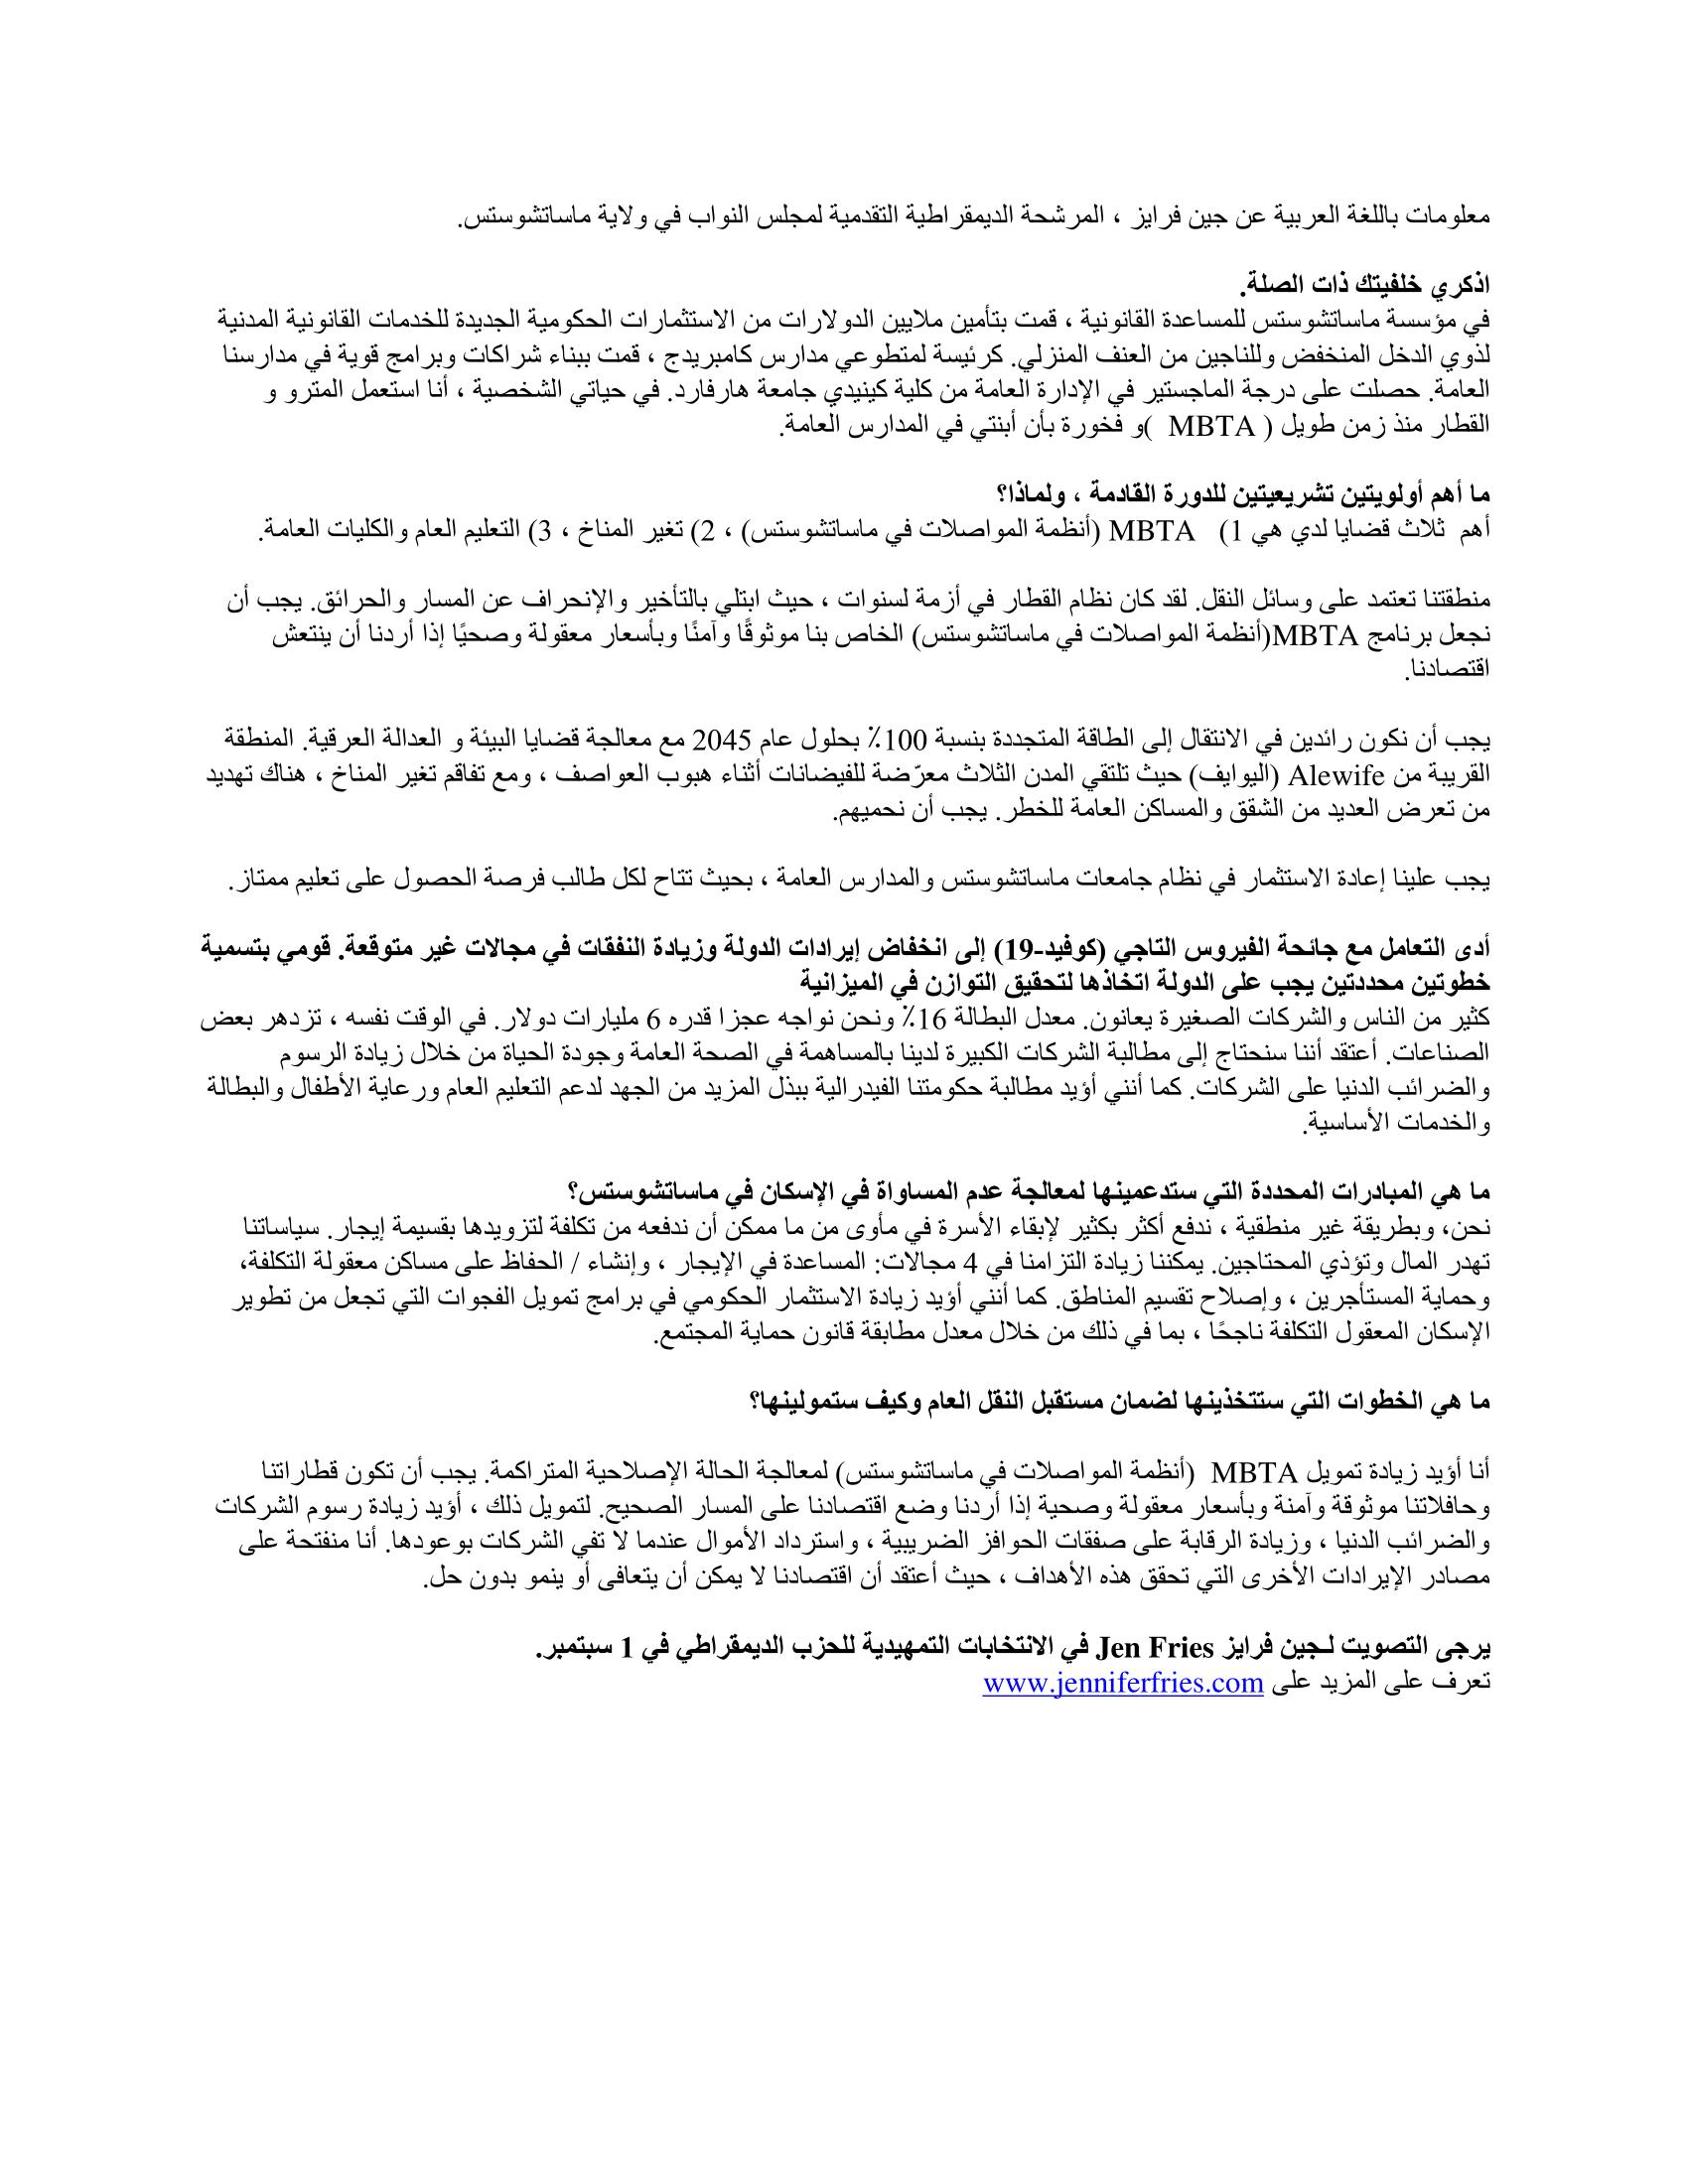 Information in Arabic abt Jen Fries